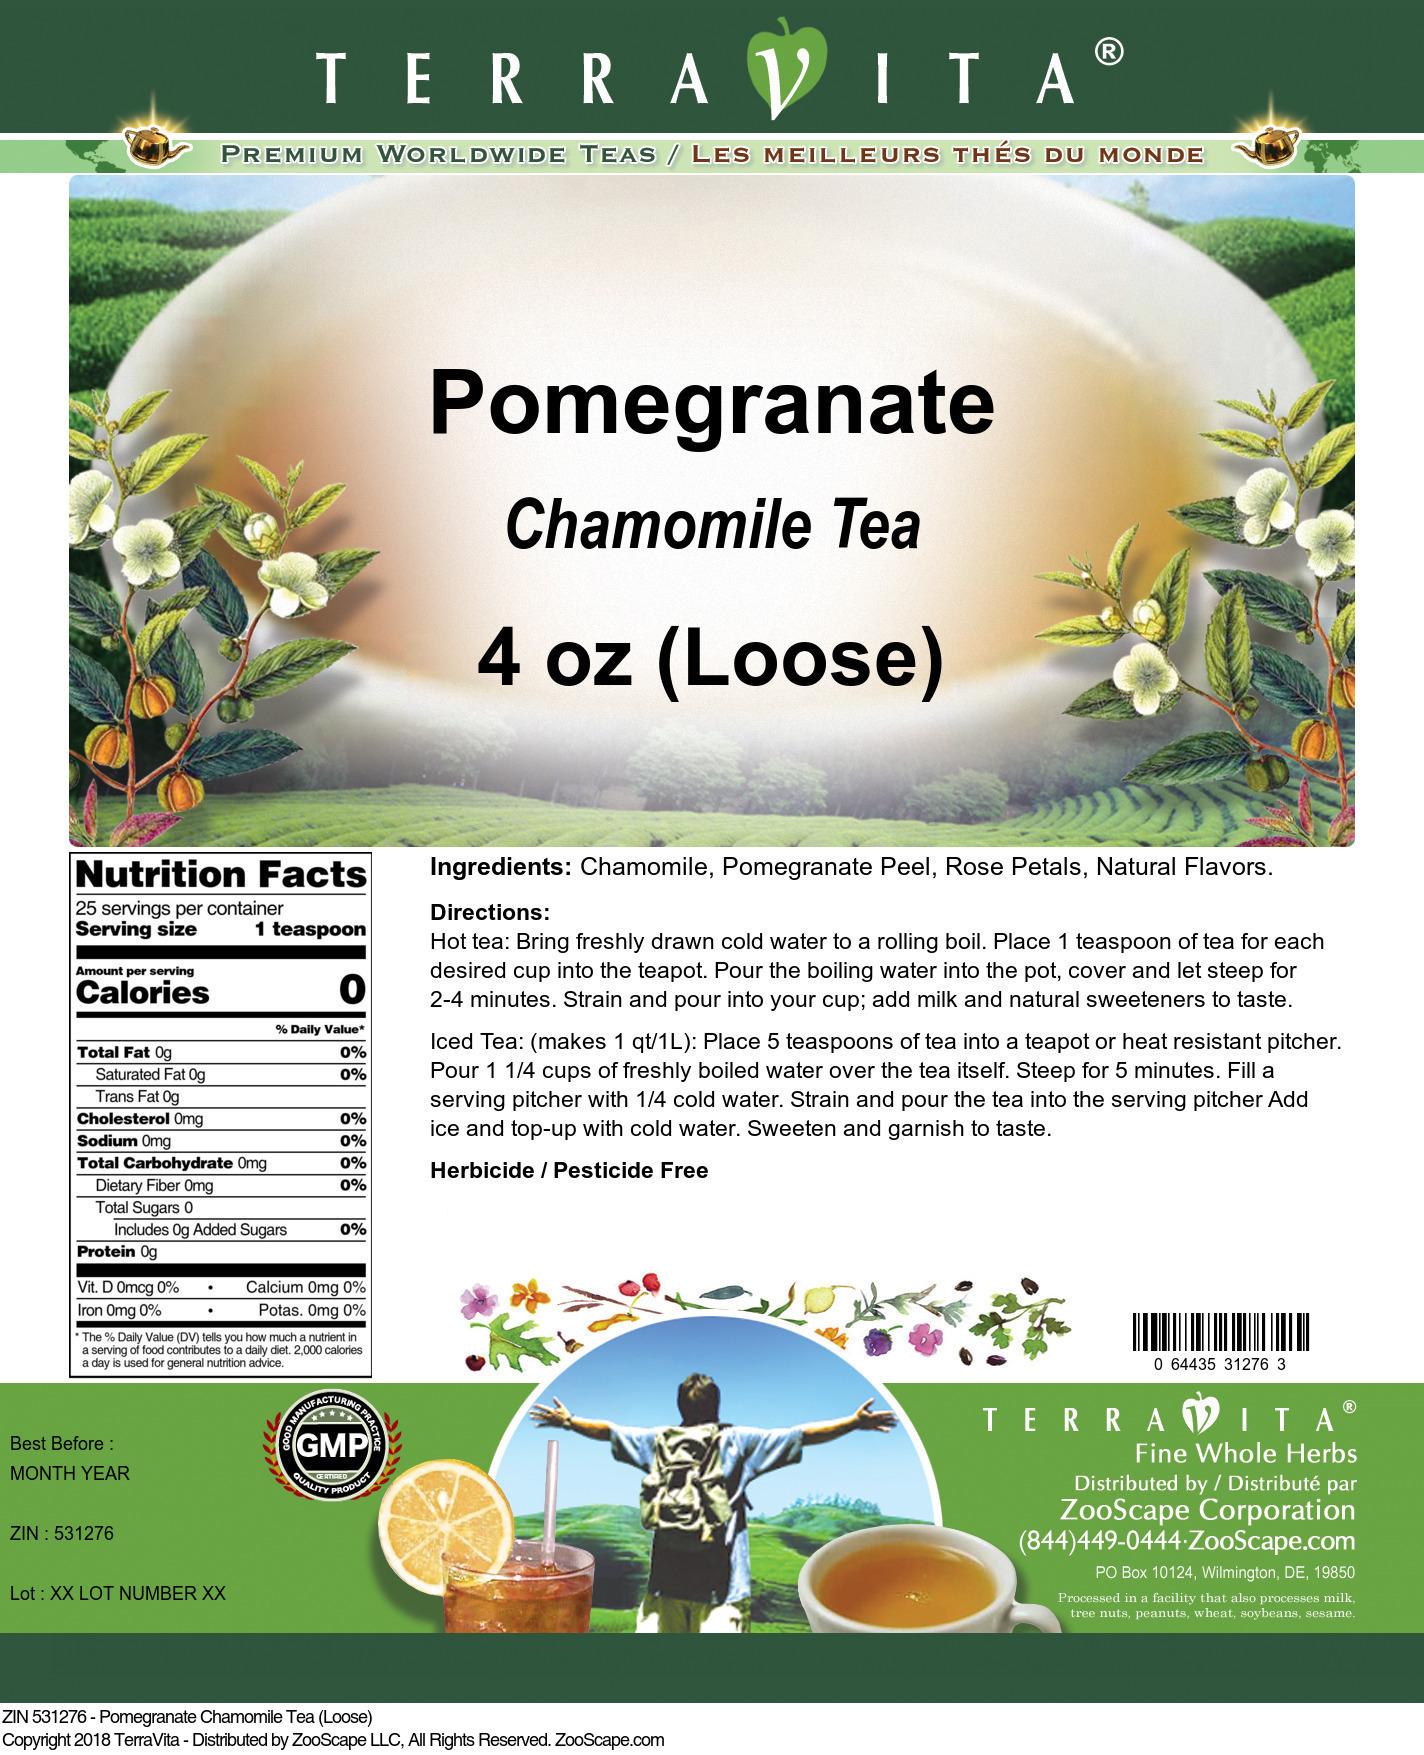 Pomegranate Chamomile Tea